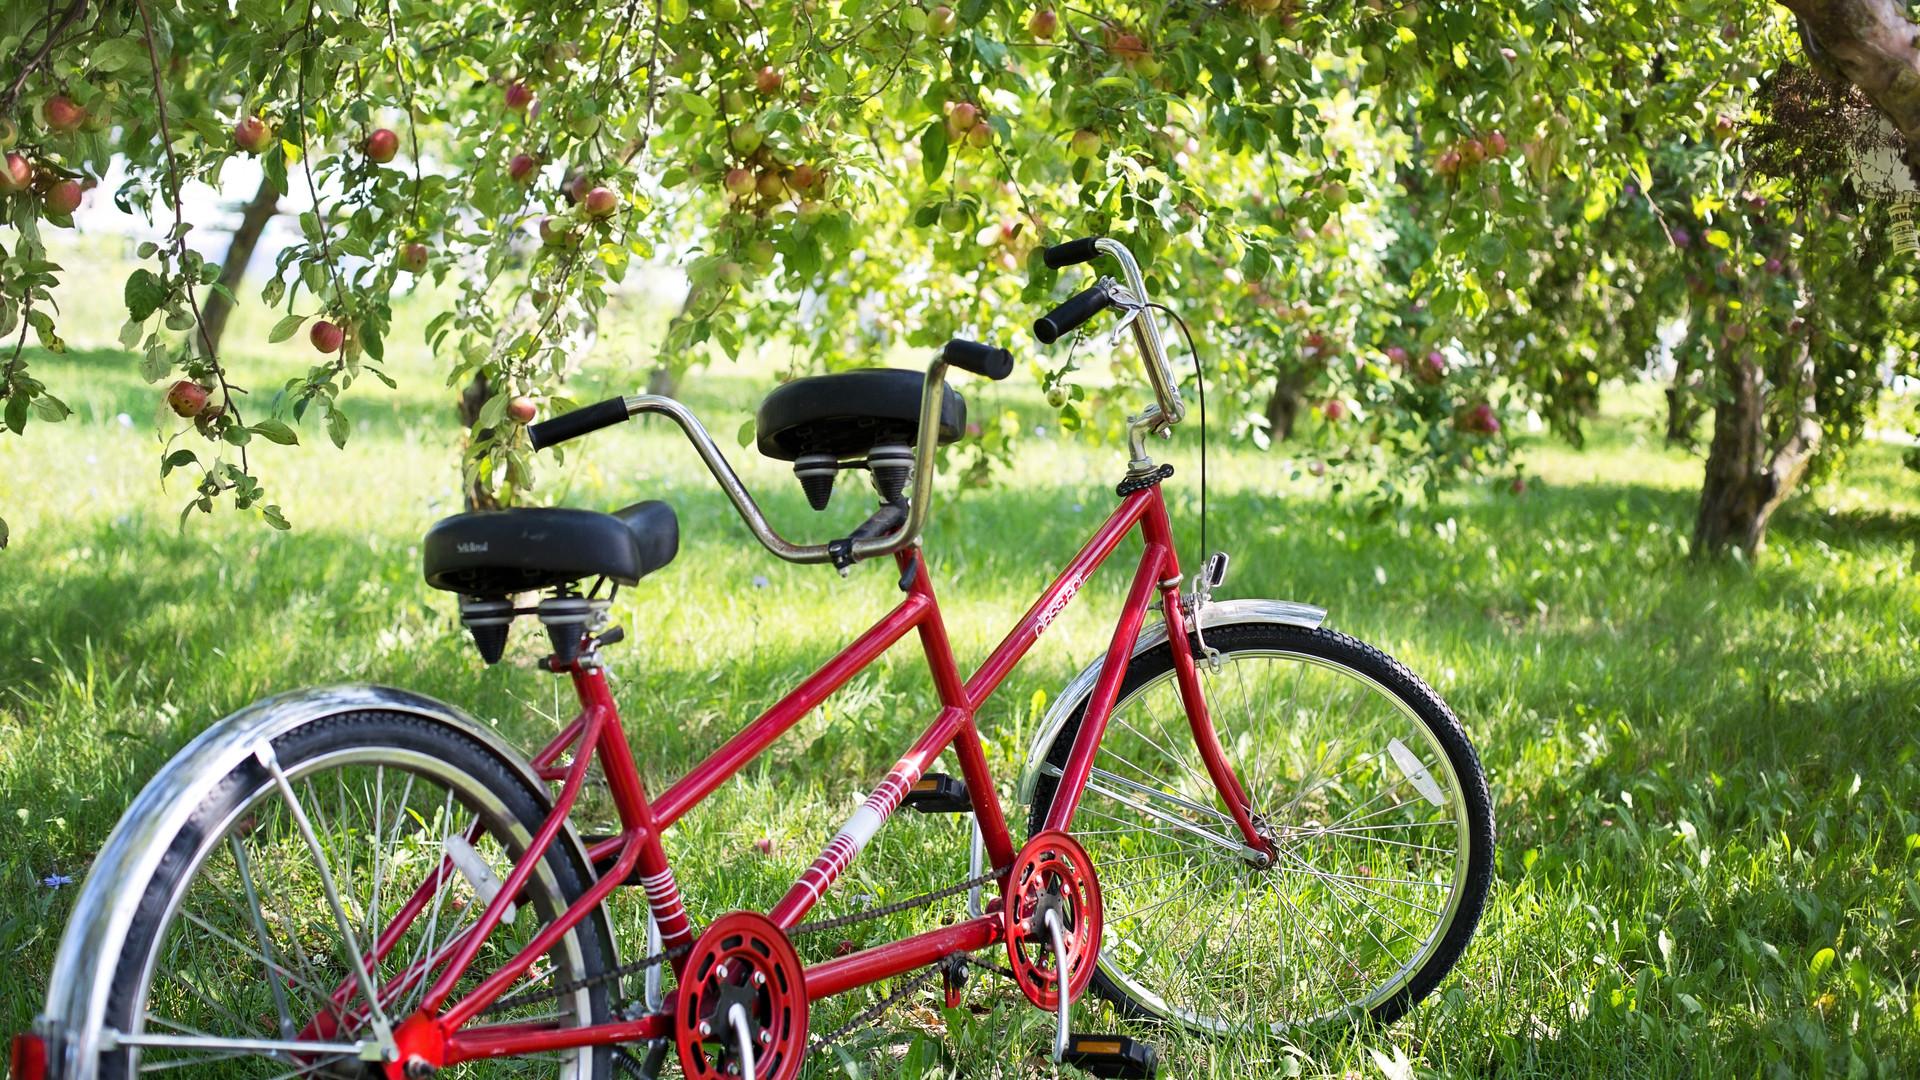 tandem-bike-905067.jpg